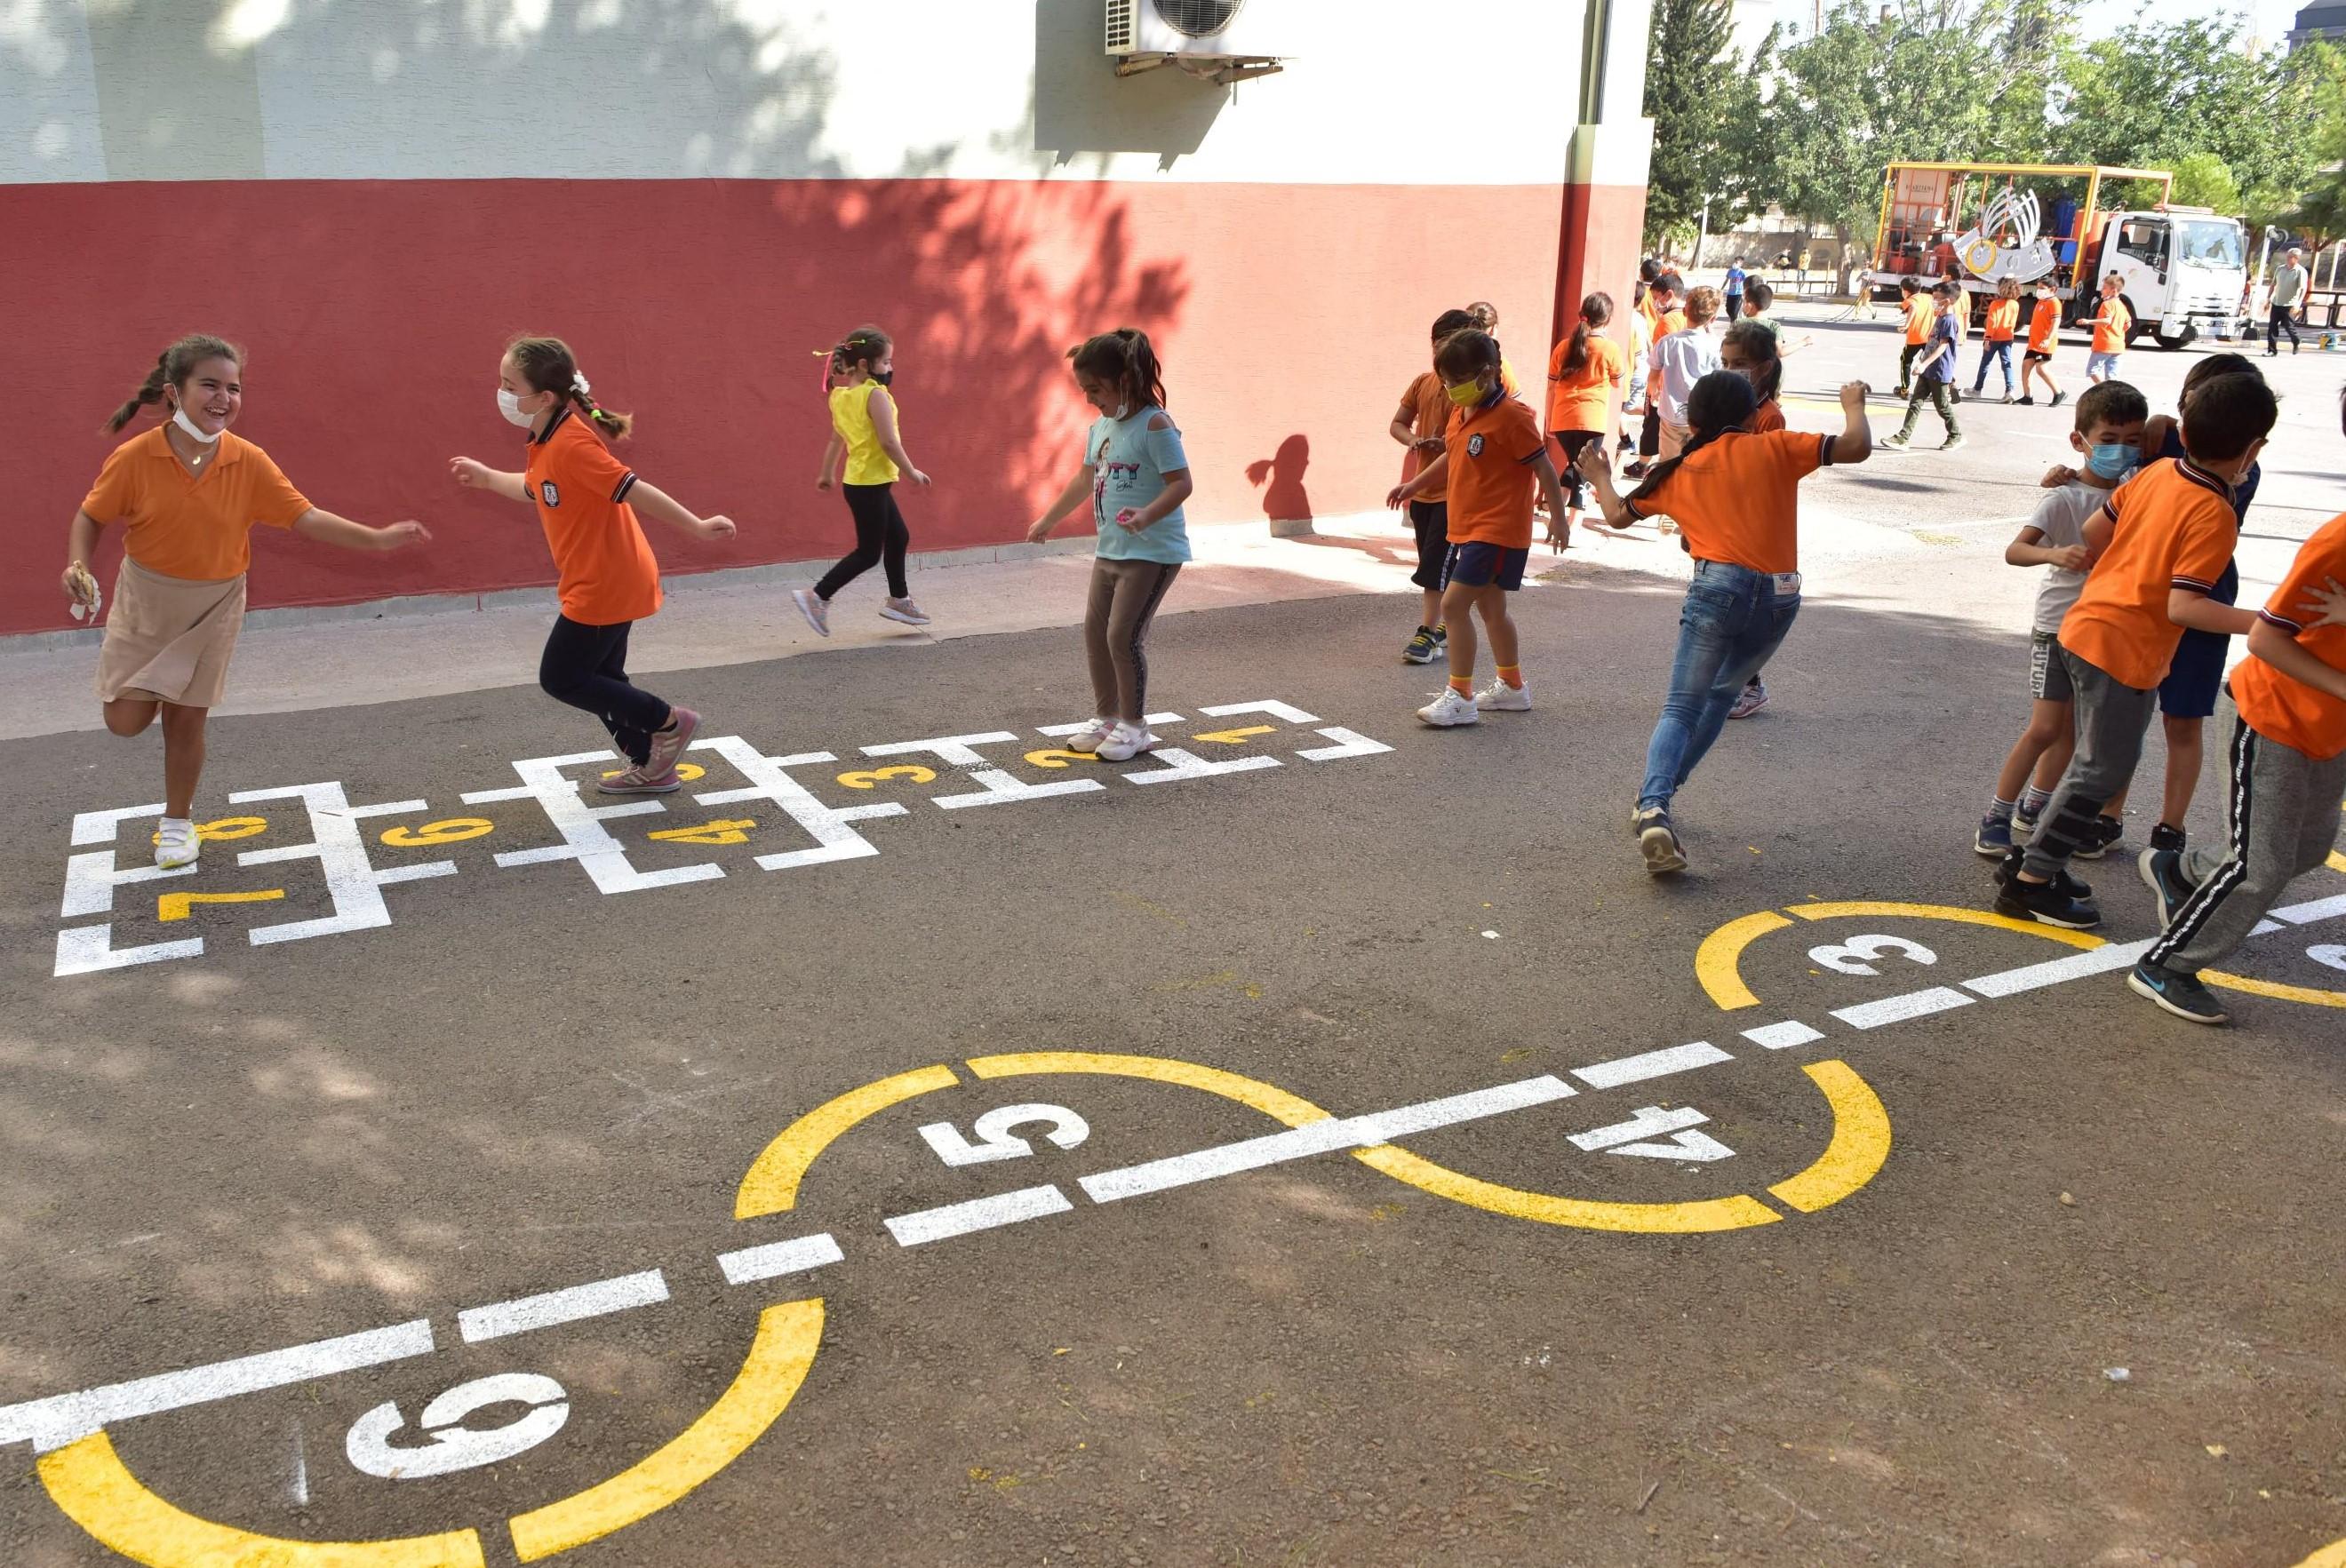 Kepez Belediyesi, öğrencilerin sosyal gelişimlerini hızlandırmak için sokak oyunlarını okullara taşıyor.